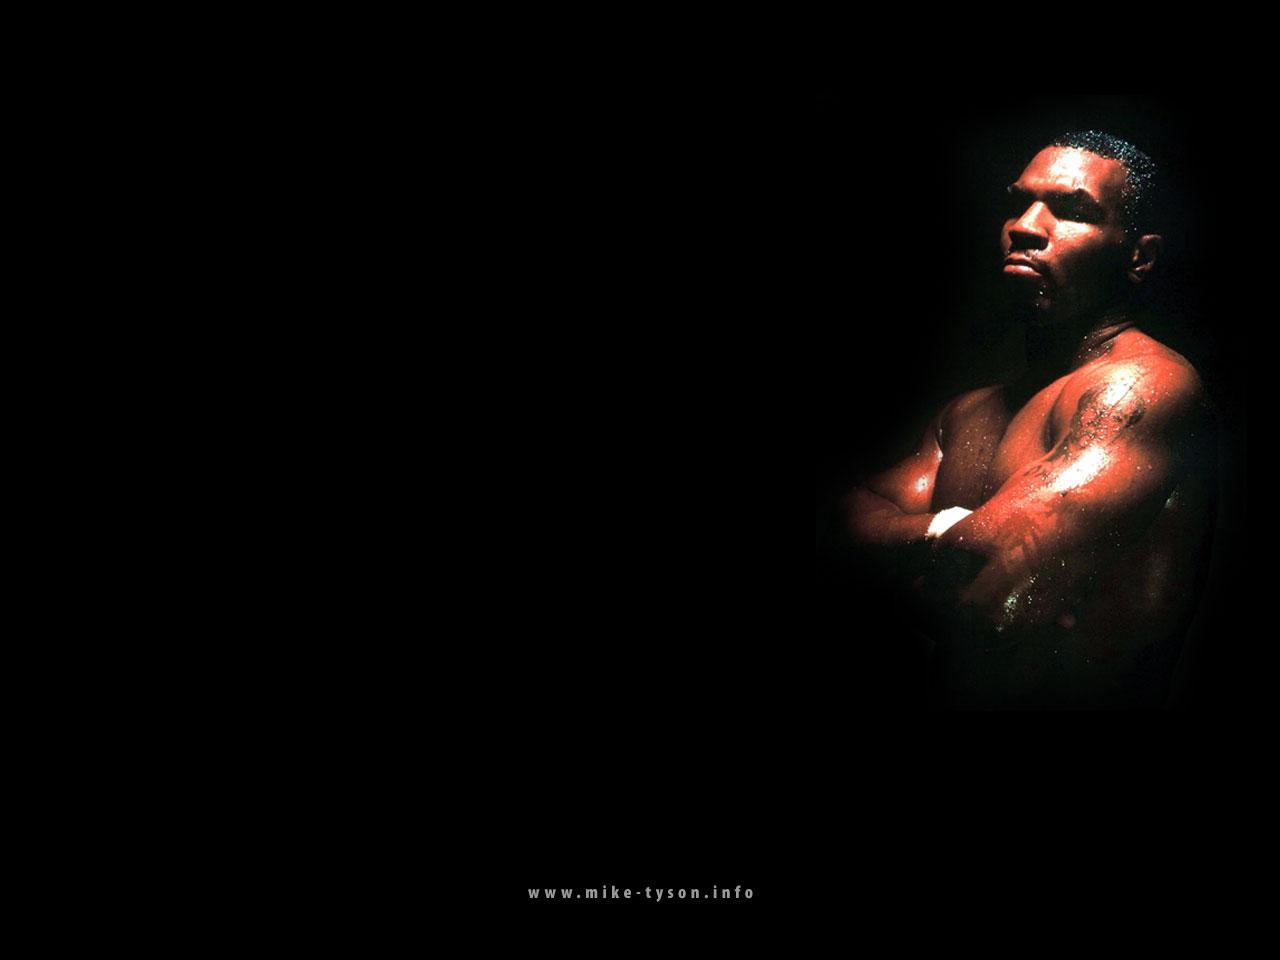 http://1.bp.blogspot.com/-_BRS98DvmAY/UJh6GrZW6cI/AAAAAAAAH40/6Gwxeqfnkjs/s1600/15576-boxing-mike-tyson.jpg